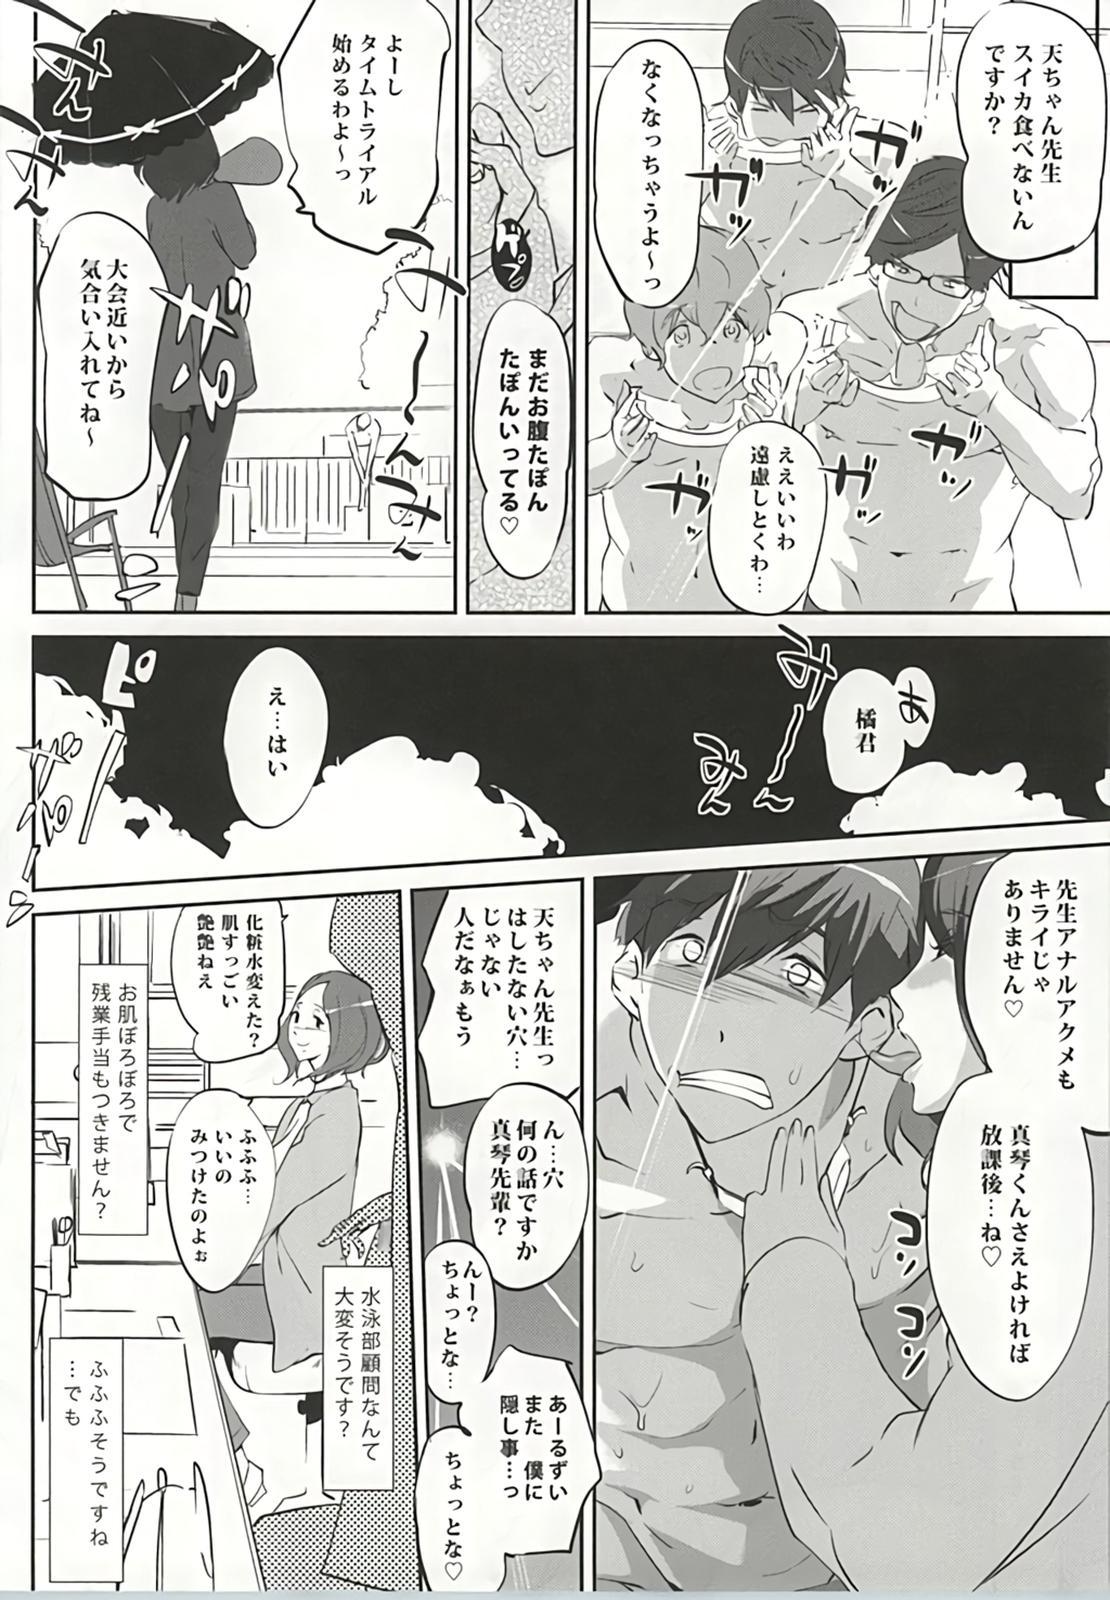 Komon no Tokken 34